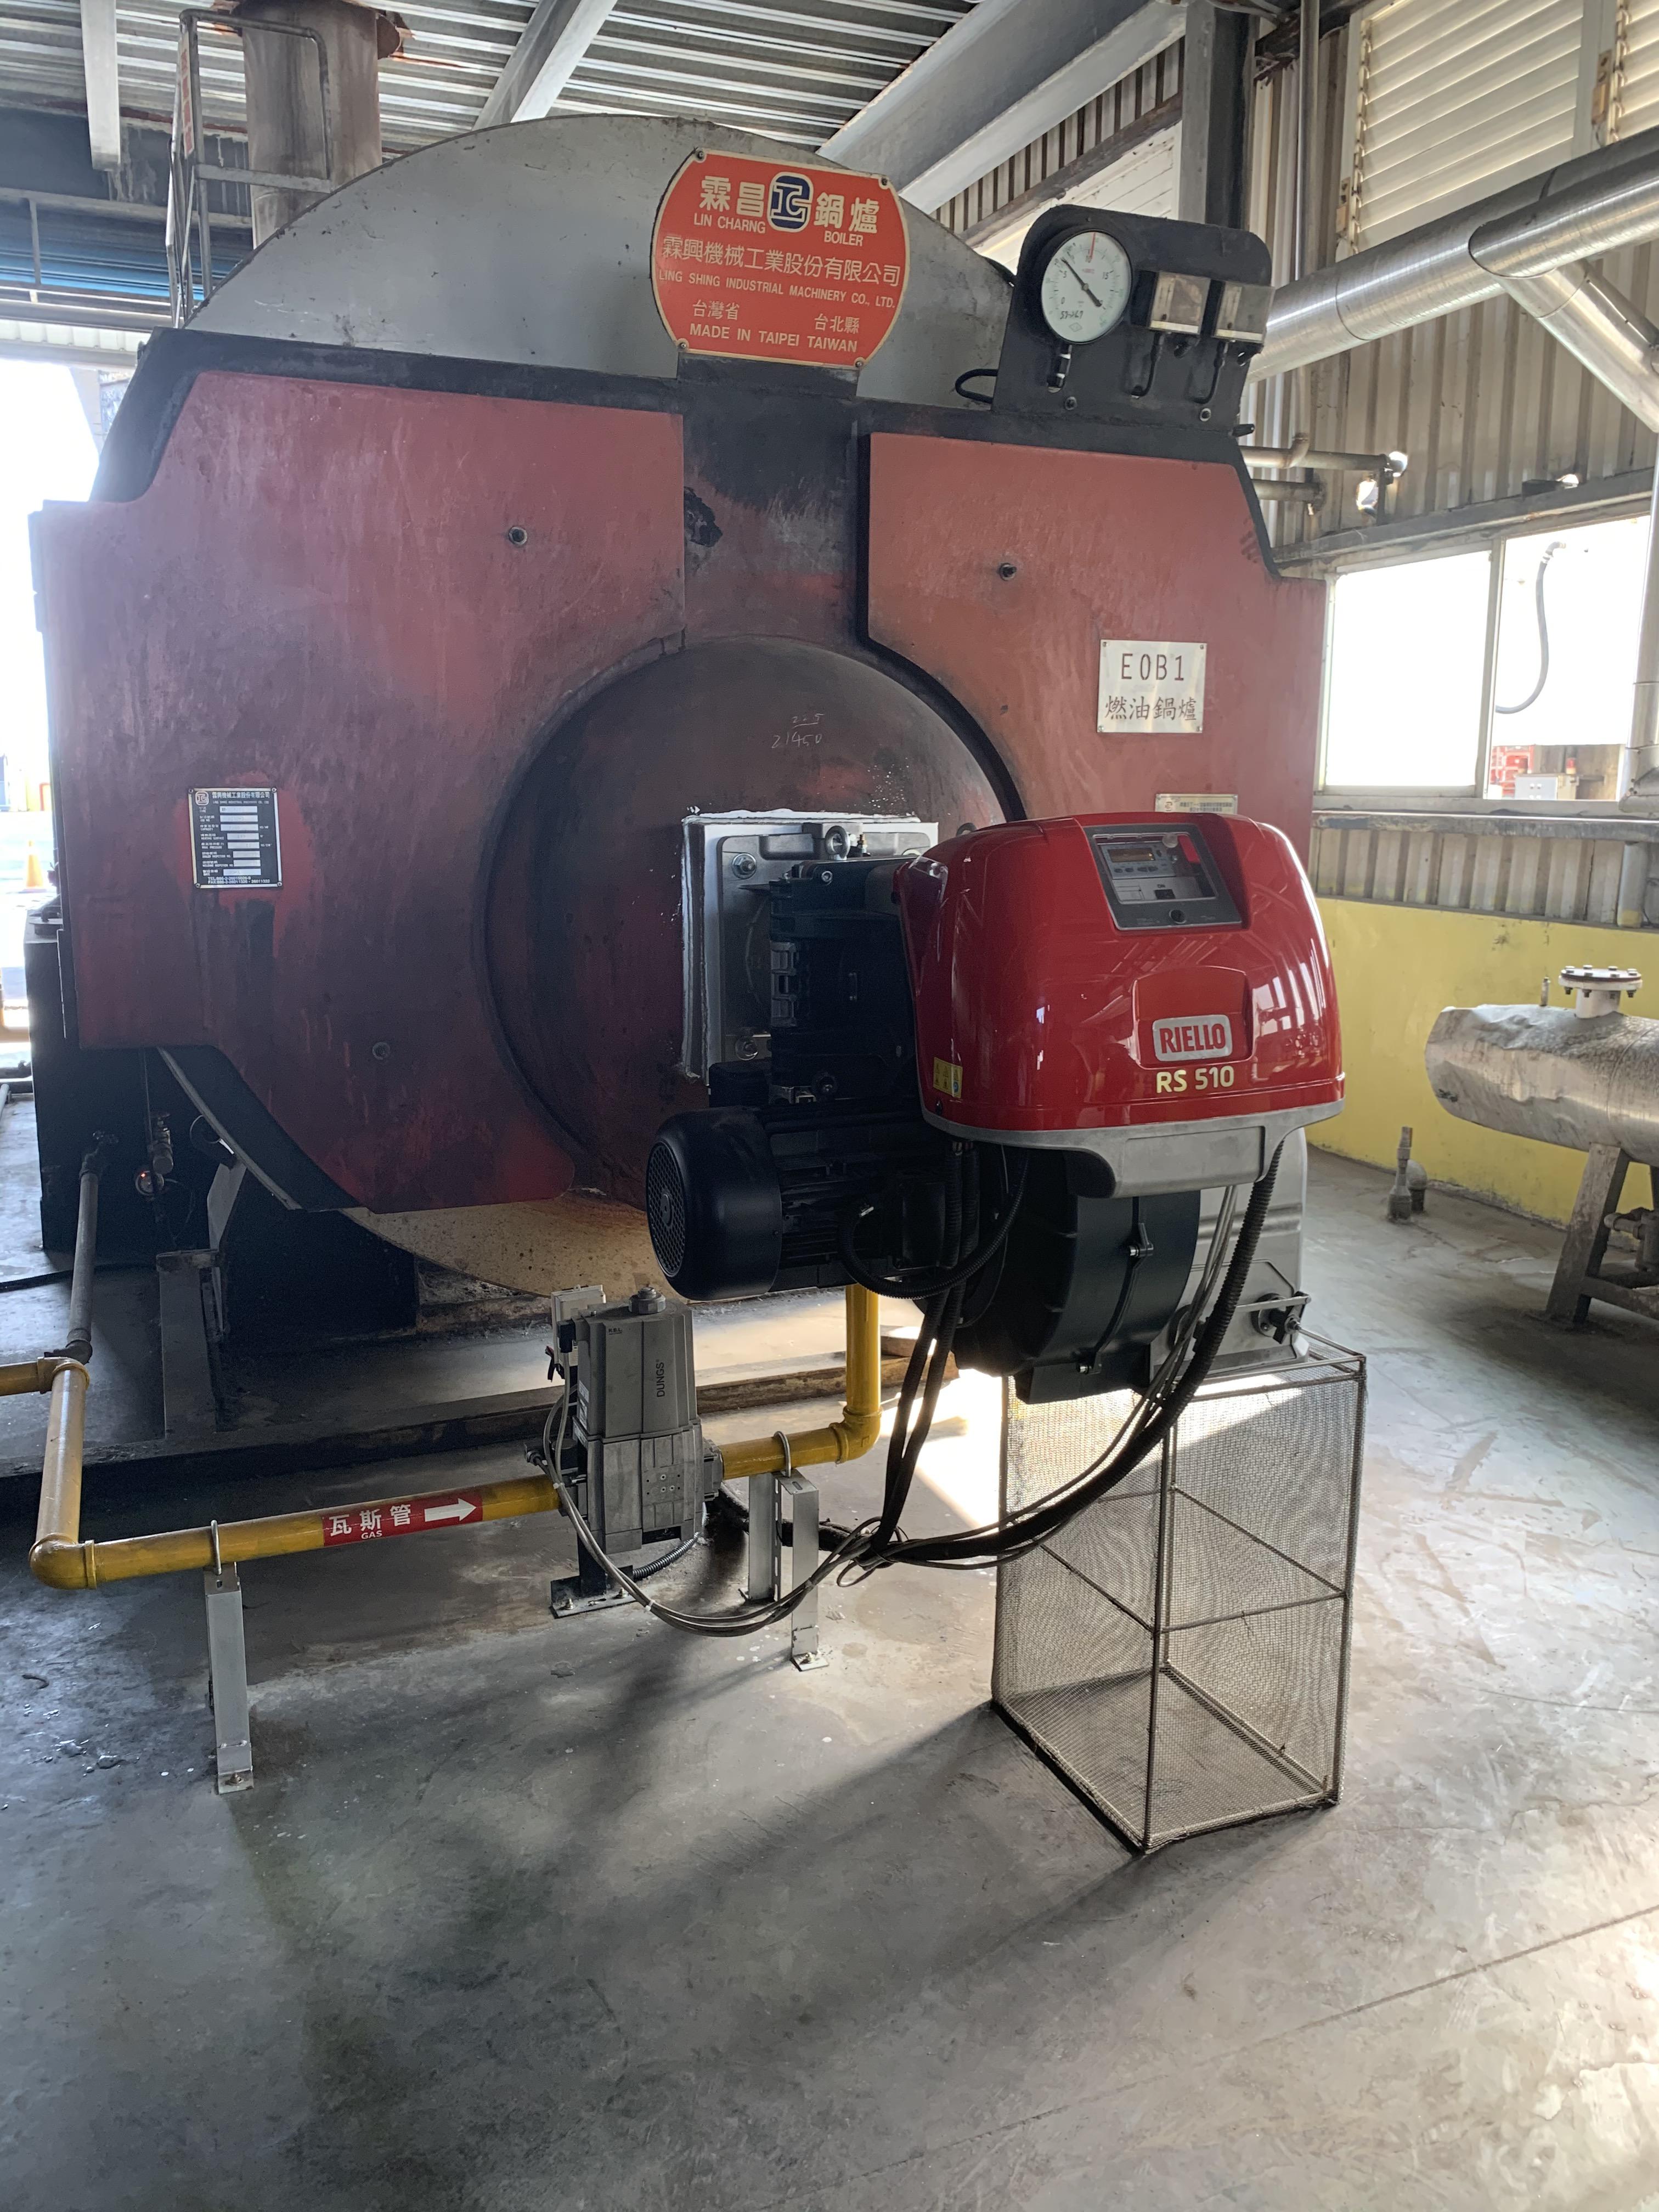 RS 510/E MZ 電子比調式瓦斯燃燒機應用(液化石油氣LPG款)